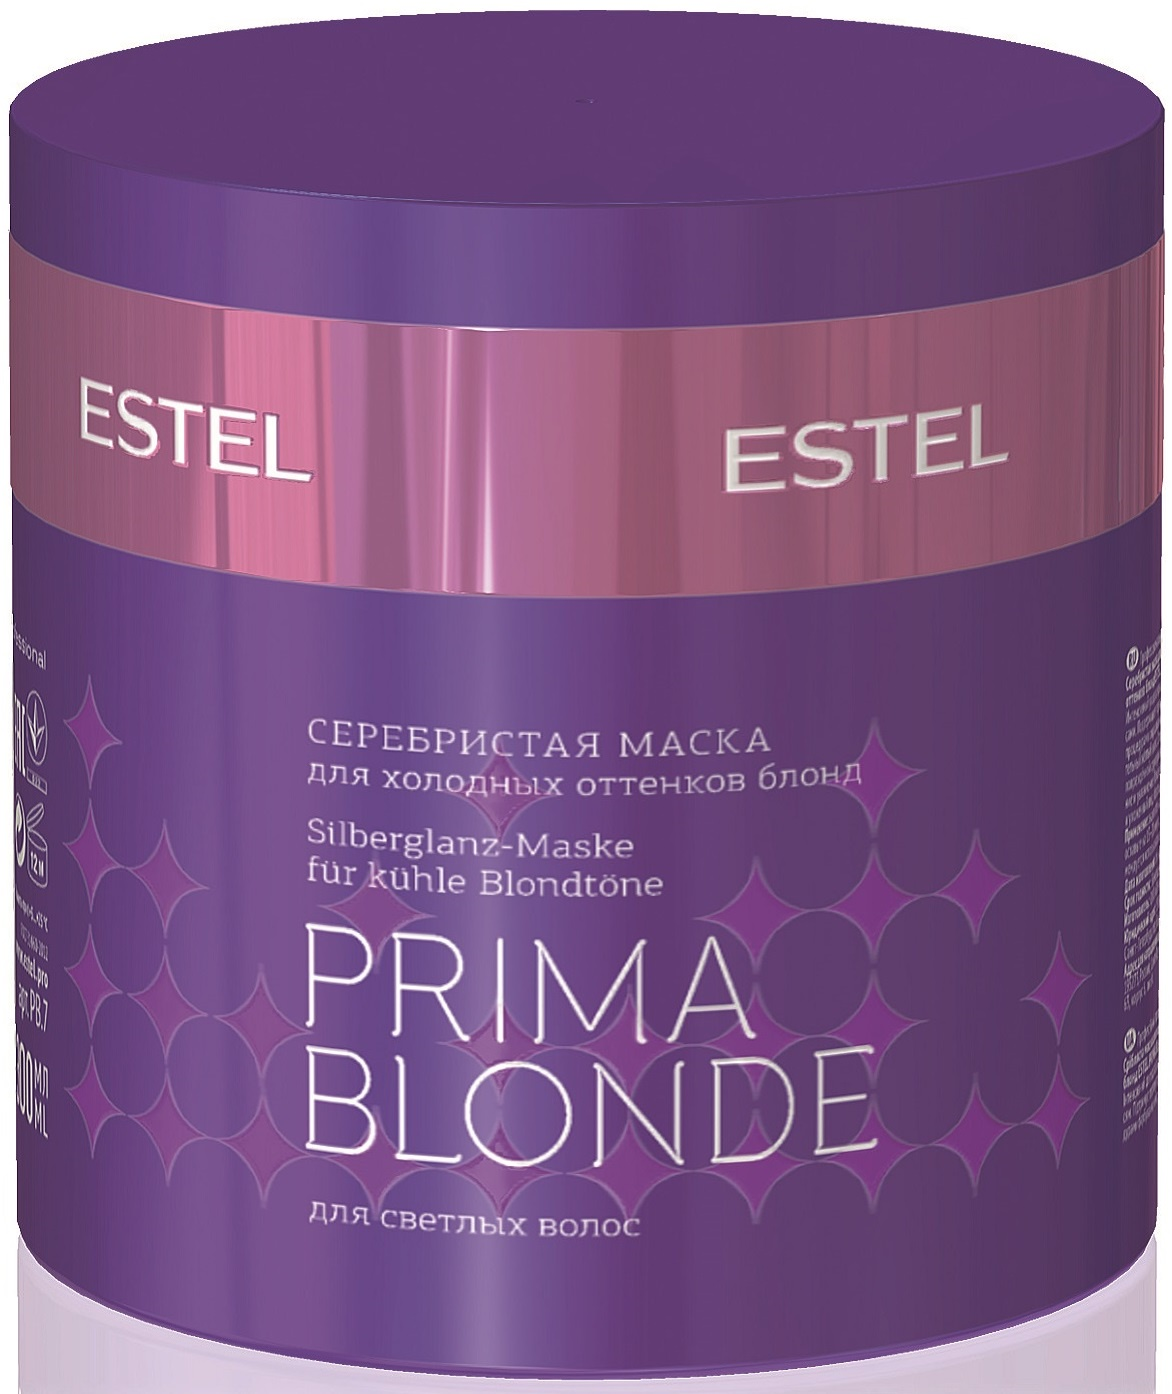 Профессиональная косметика estel для волос купить что купить в литве из косметики